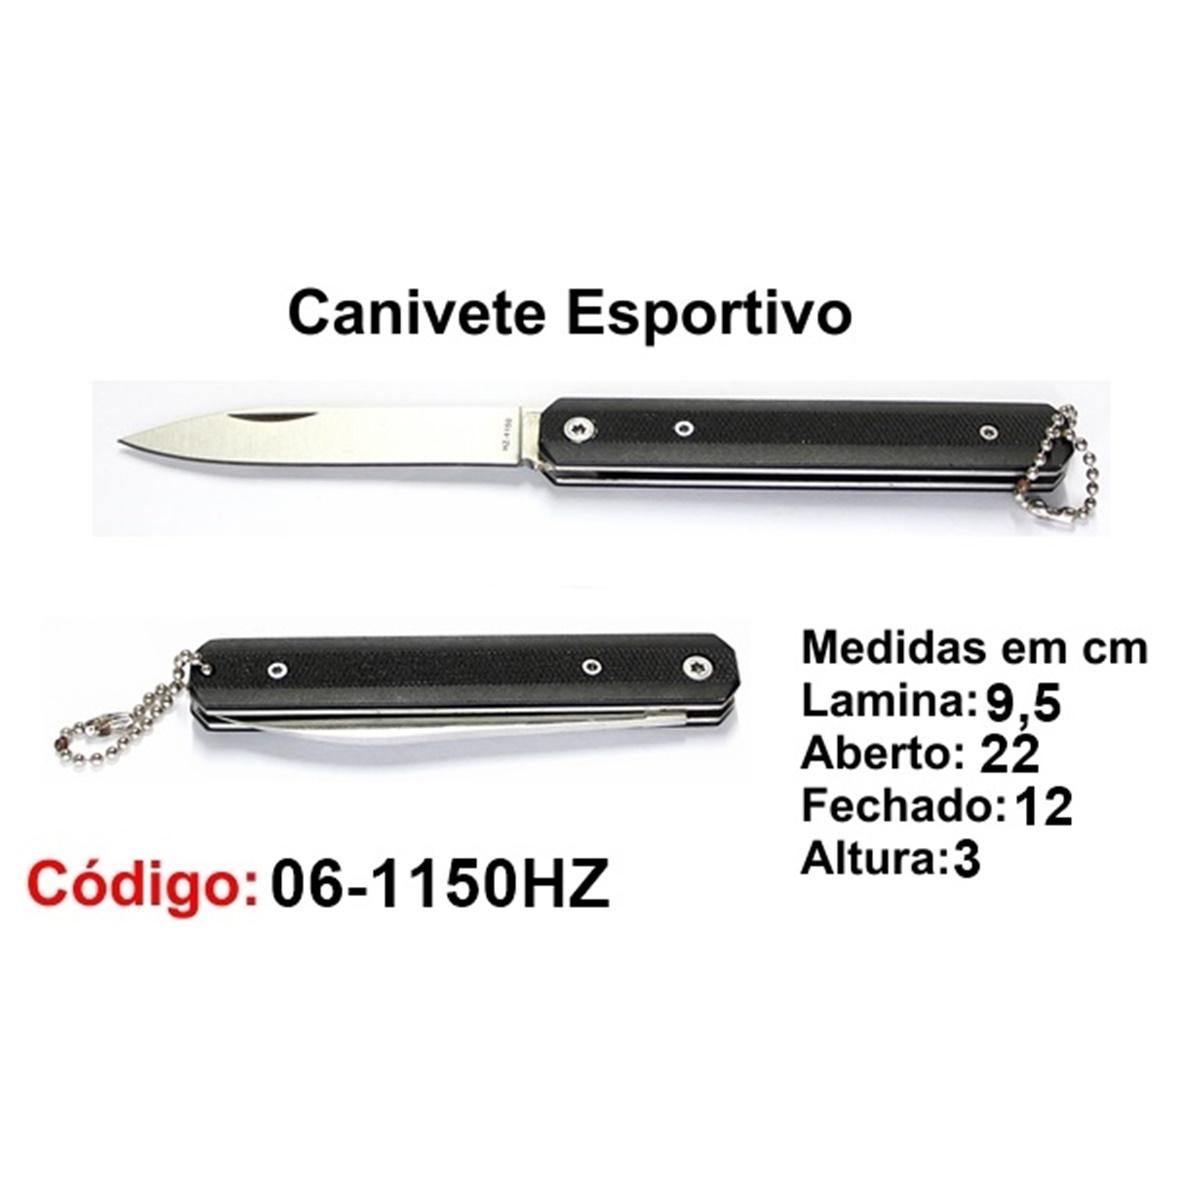 Canivete Esportivo Caça Pesca Etc. 06-1150HZ